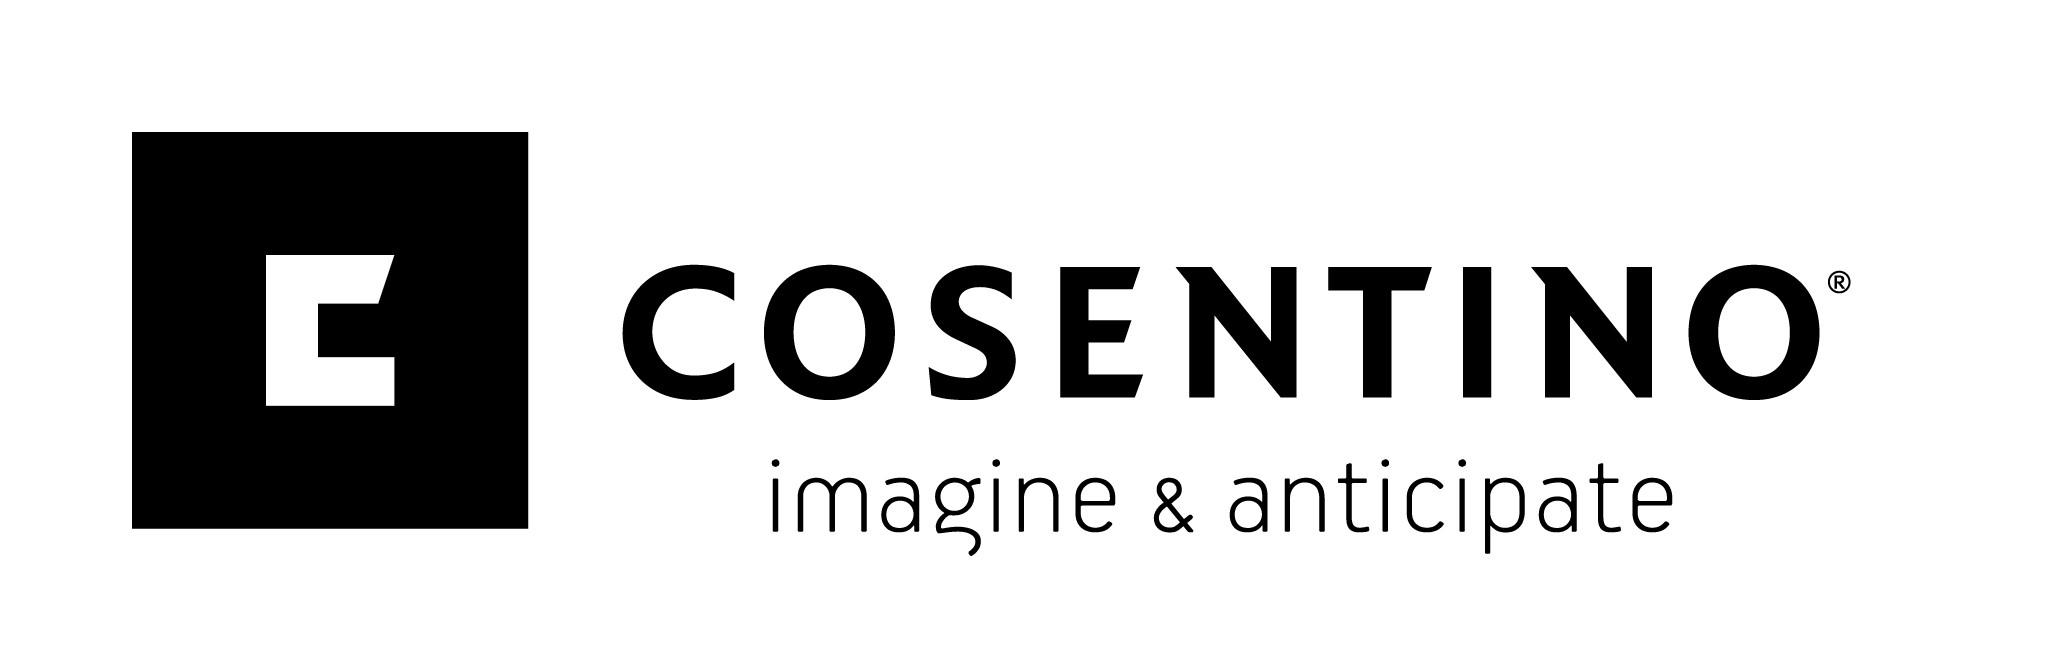 Cosentino Logo.jpg